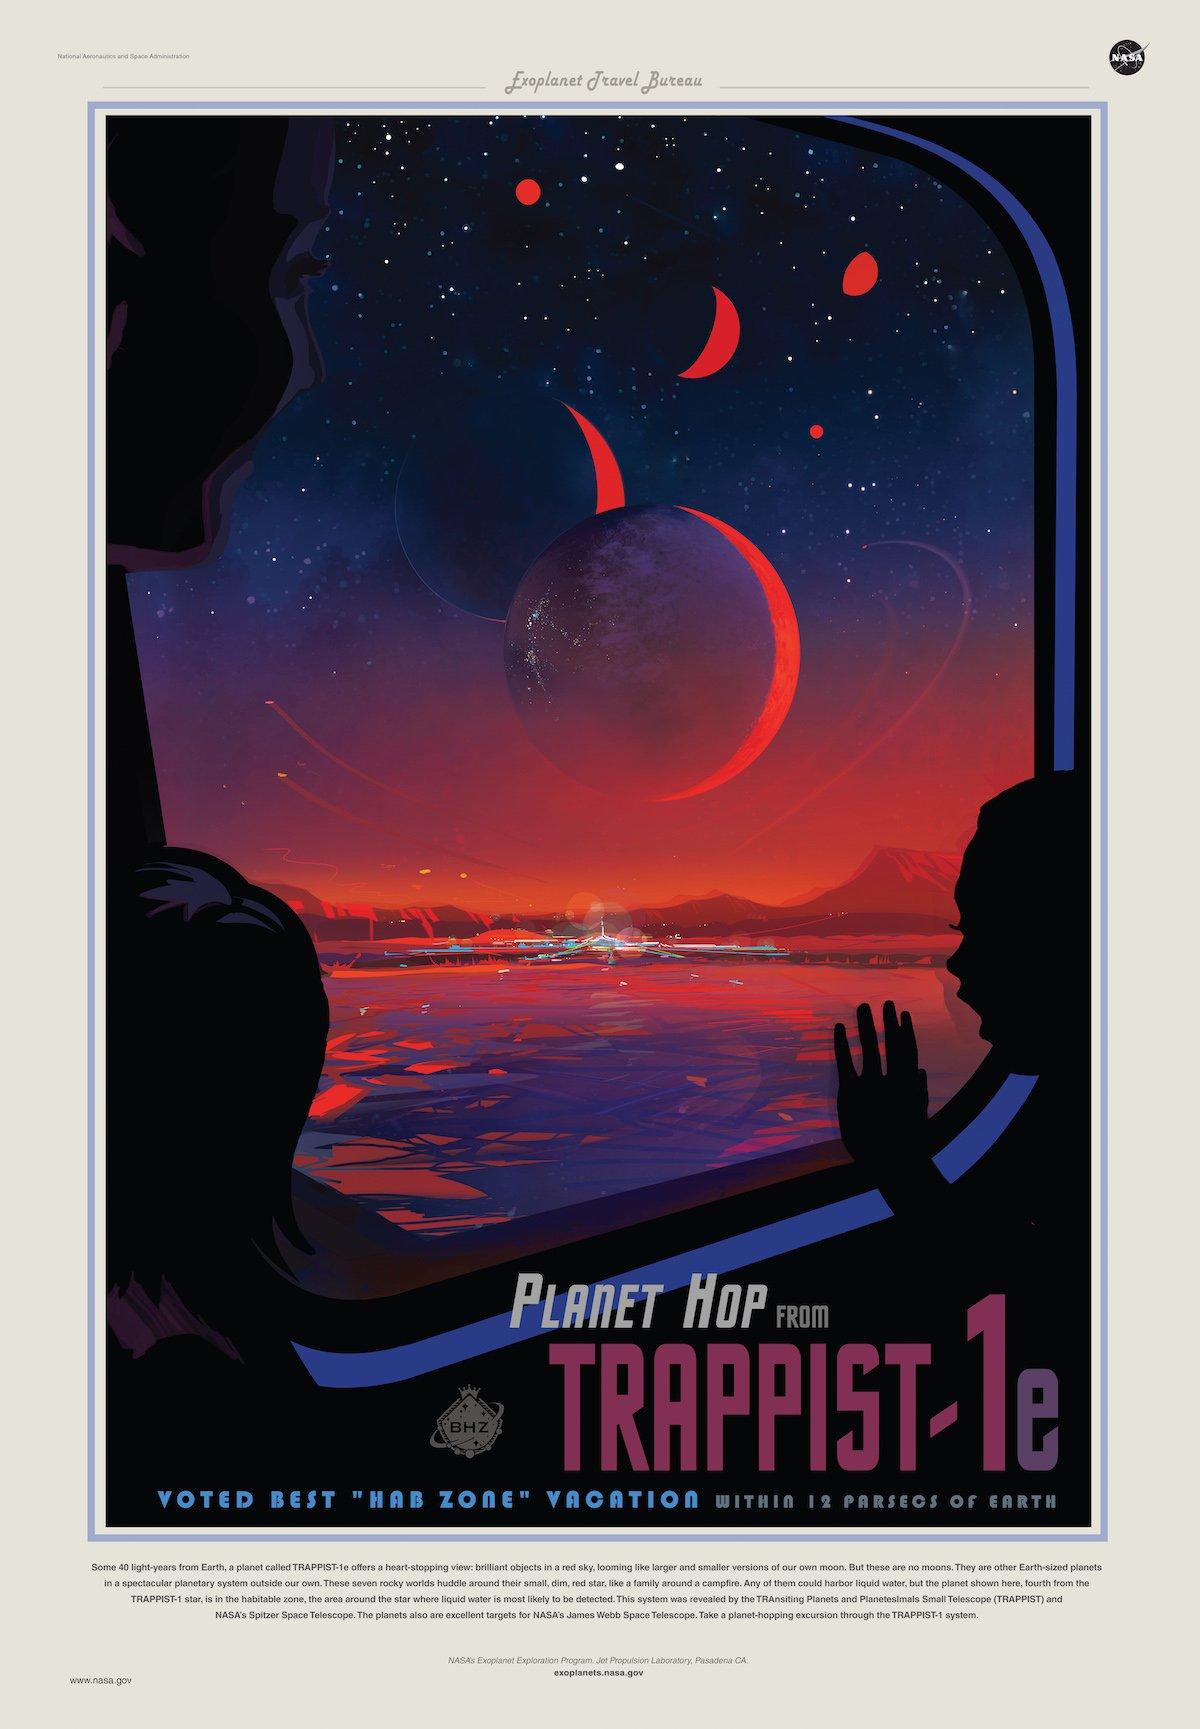 Футуристический постер о путешествии на TRAPPIST-1 e